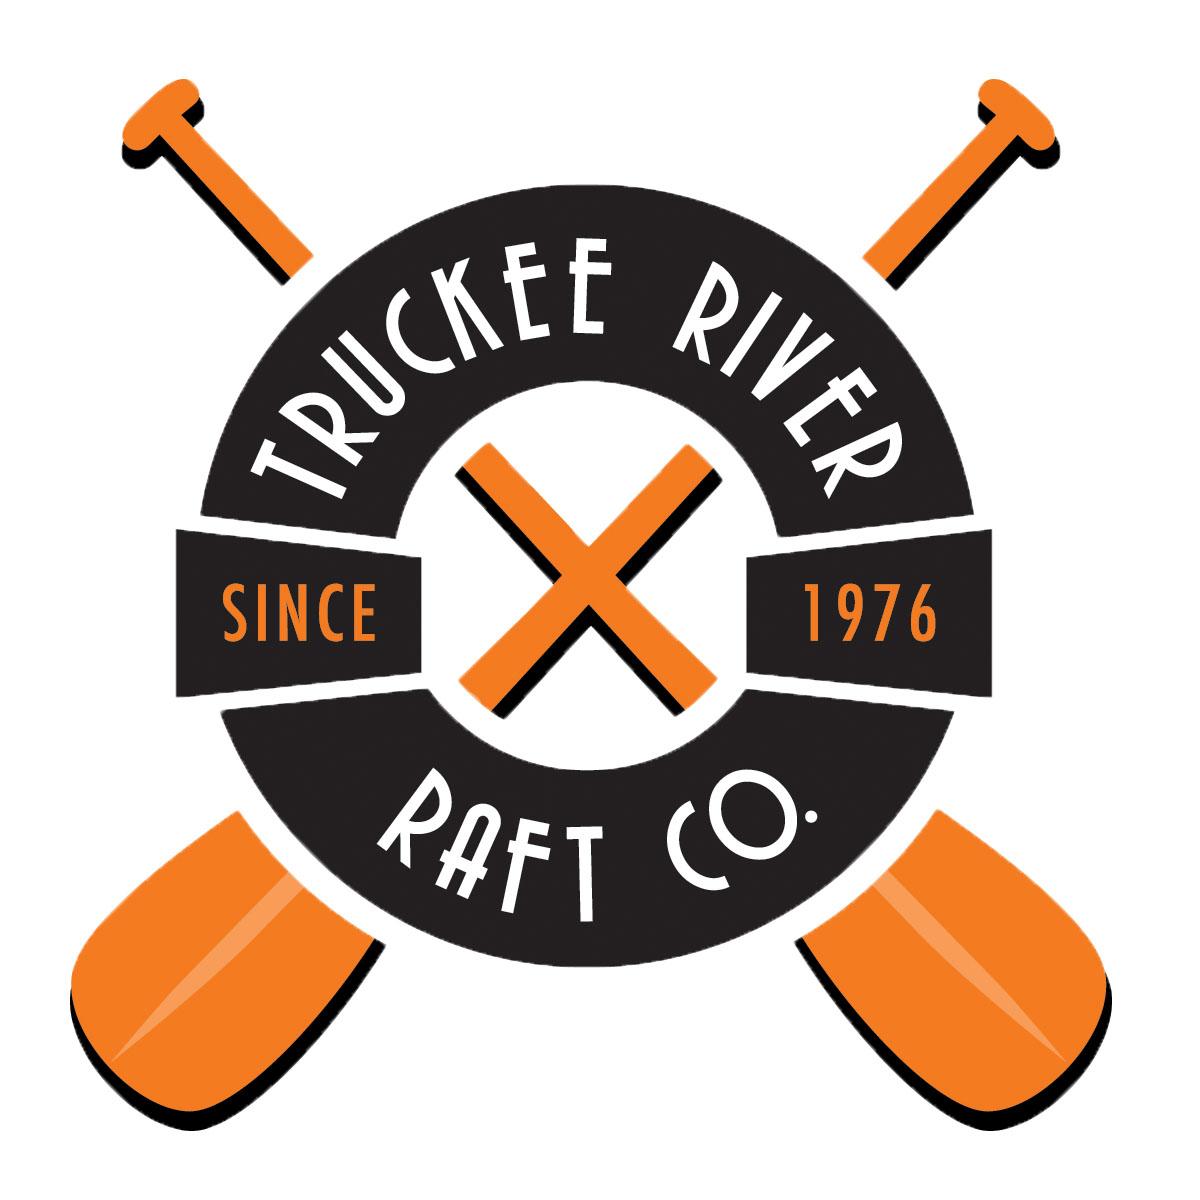 Truckee River Raft Company.